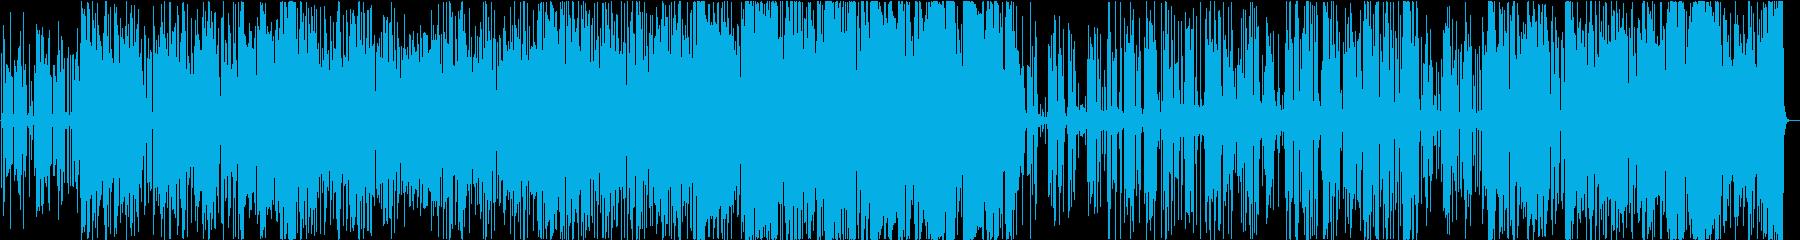 標準ジャズ。ハッピーアレンジメント。の再生済みの波形